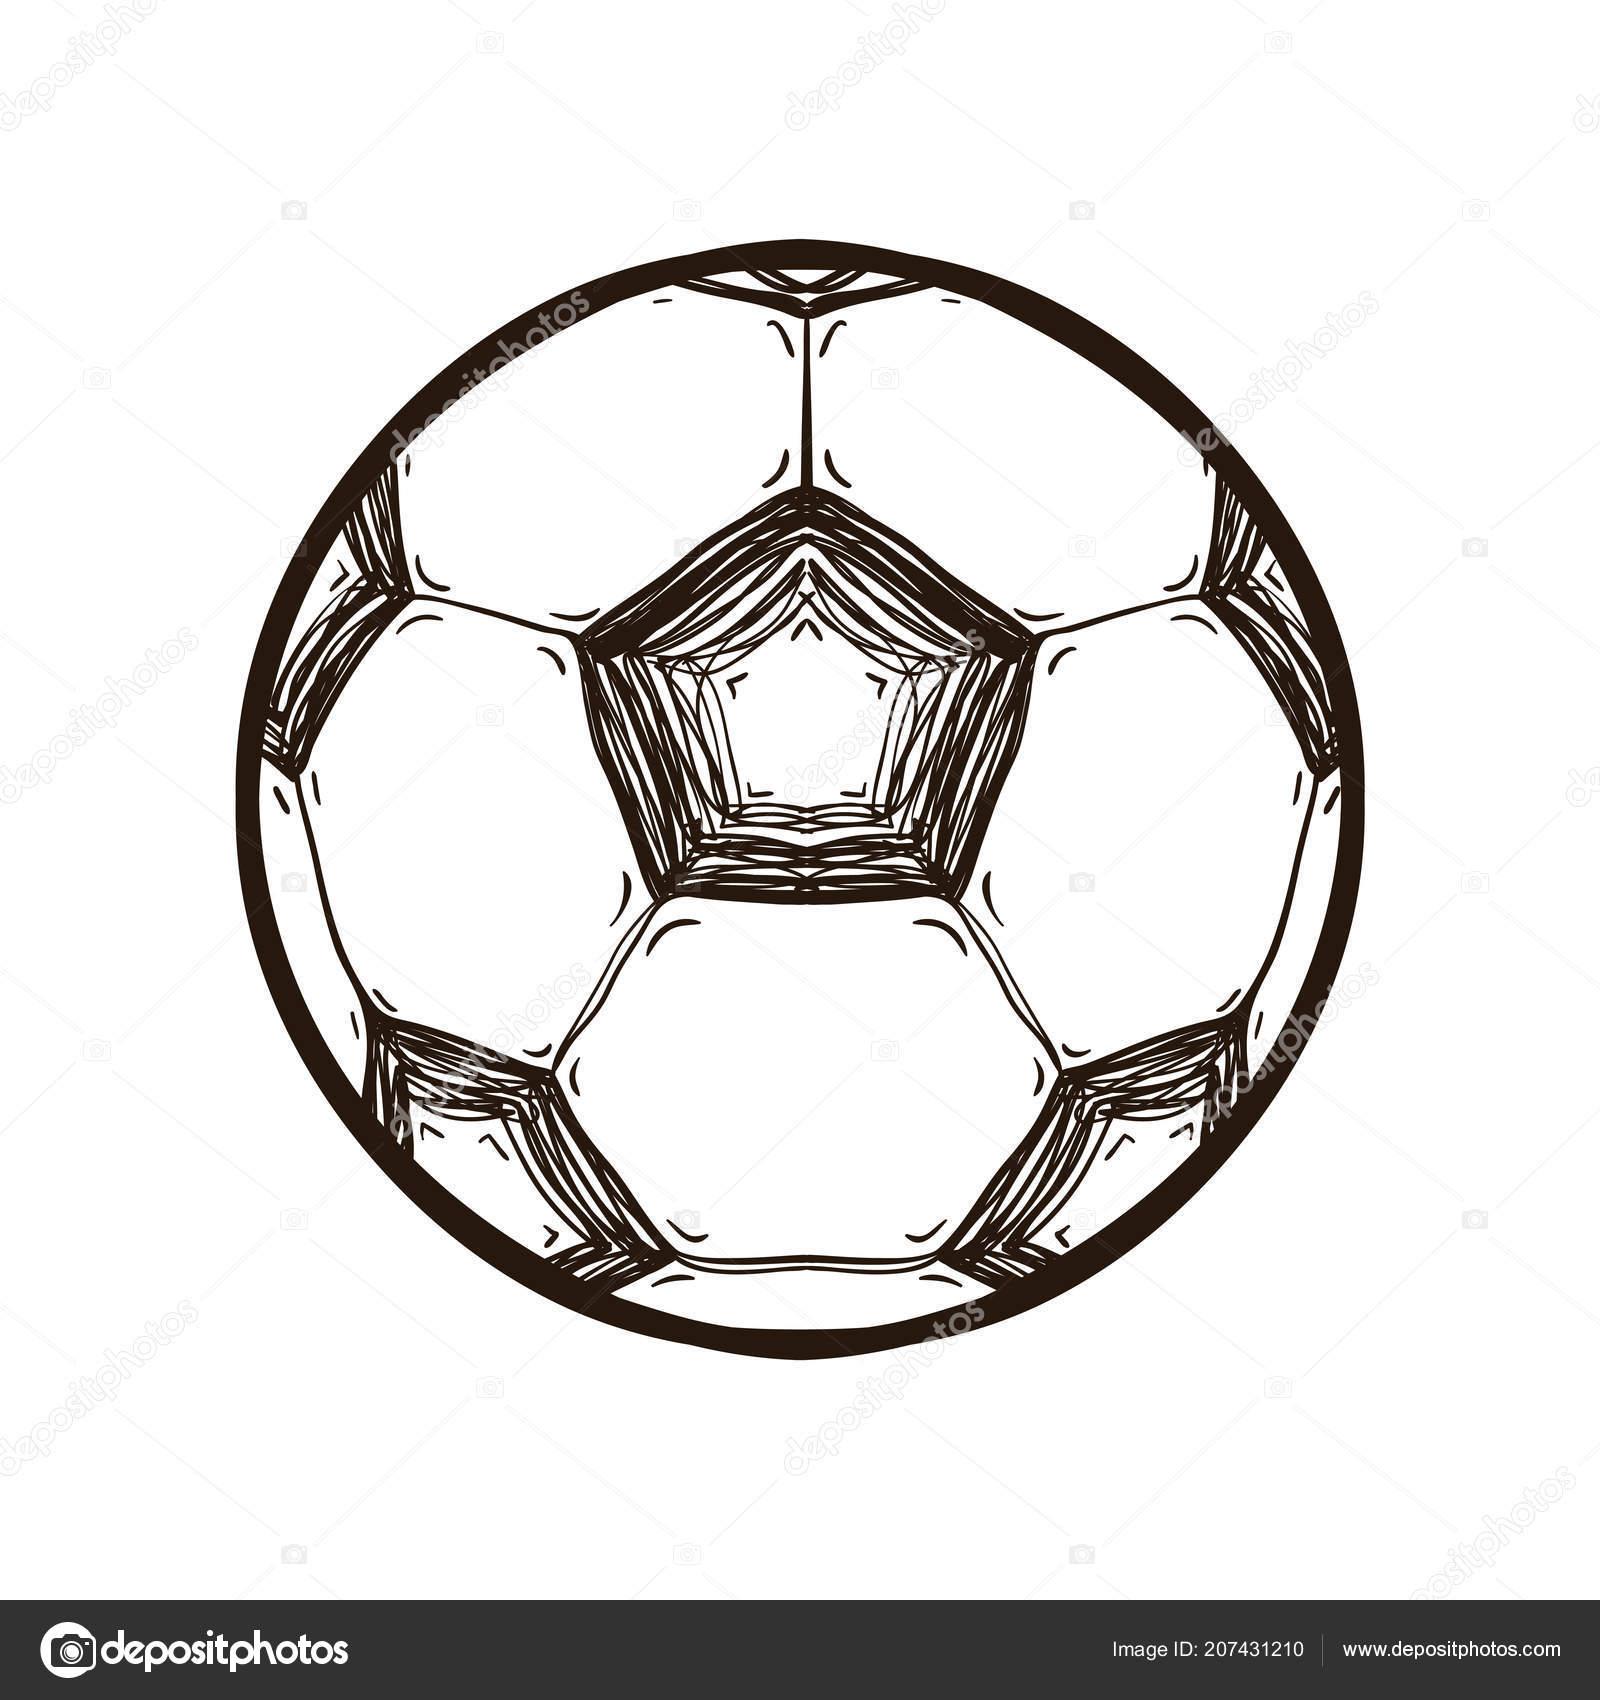 Ballon Pour Coloriage.Ballon De Soccer Isole Livre De Coloriage Image Vectorielle